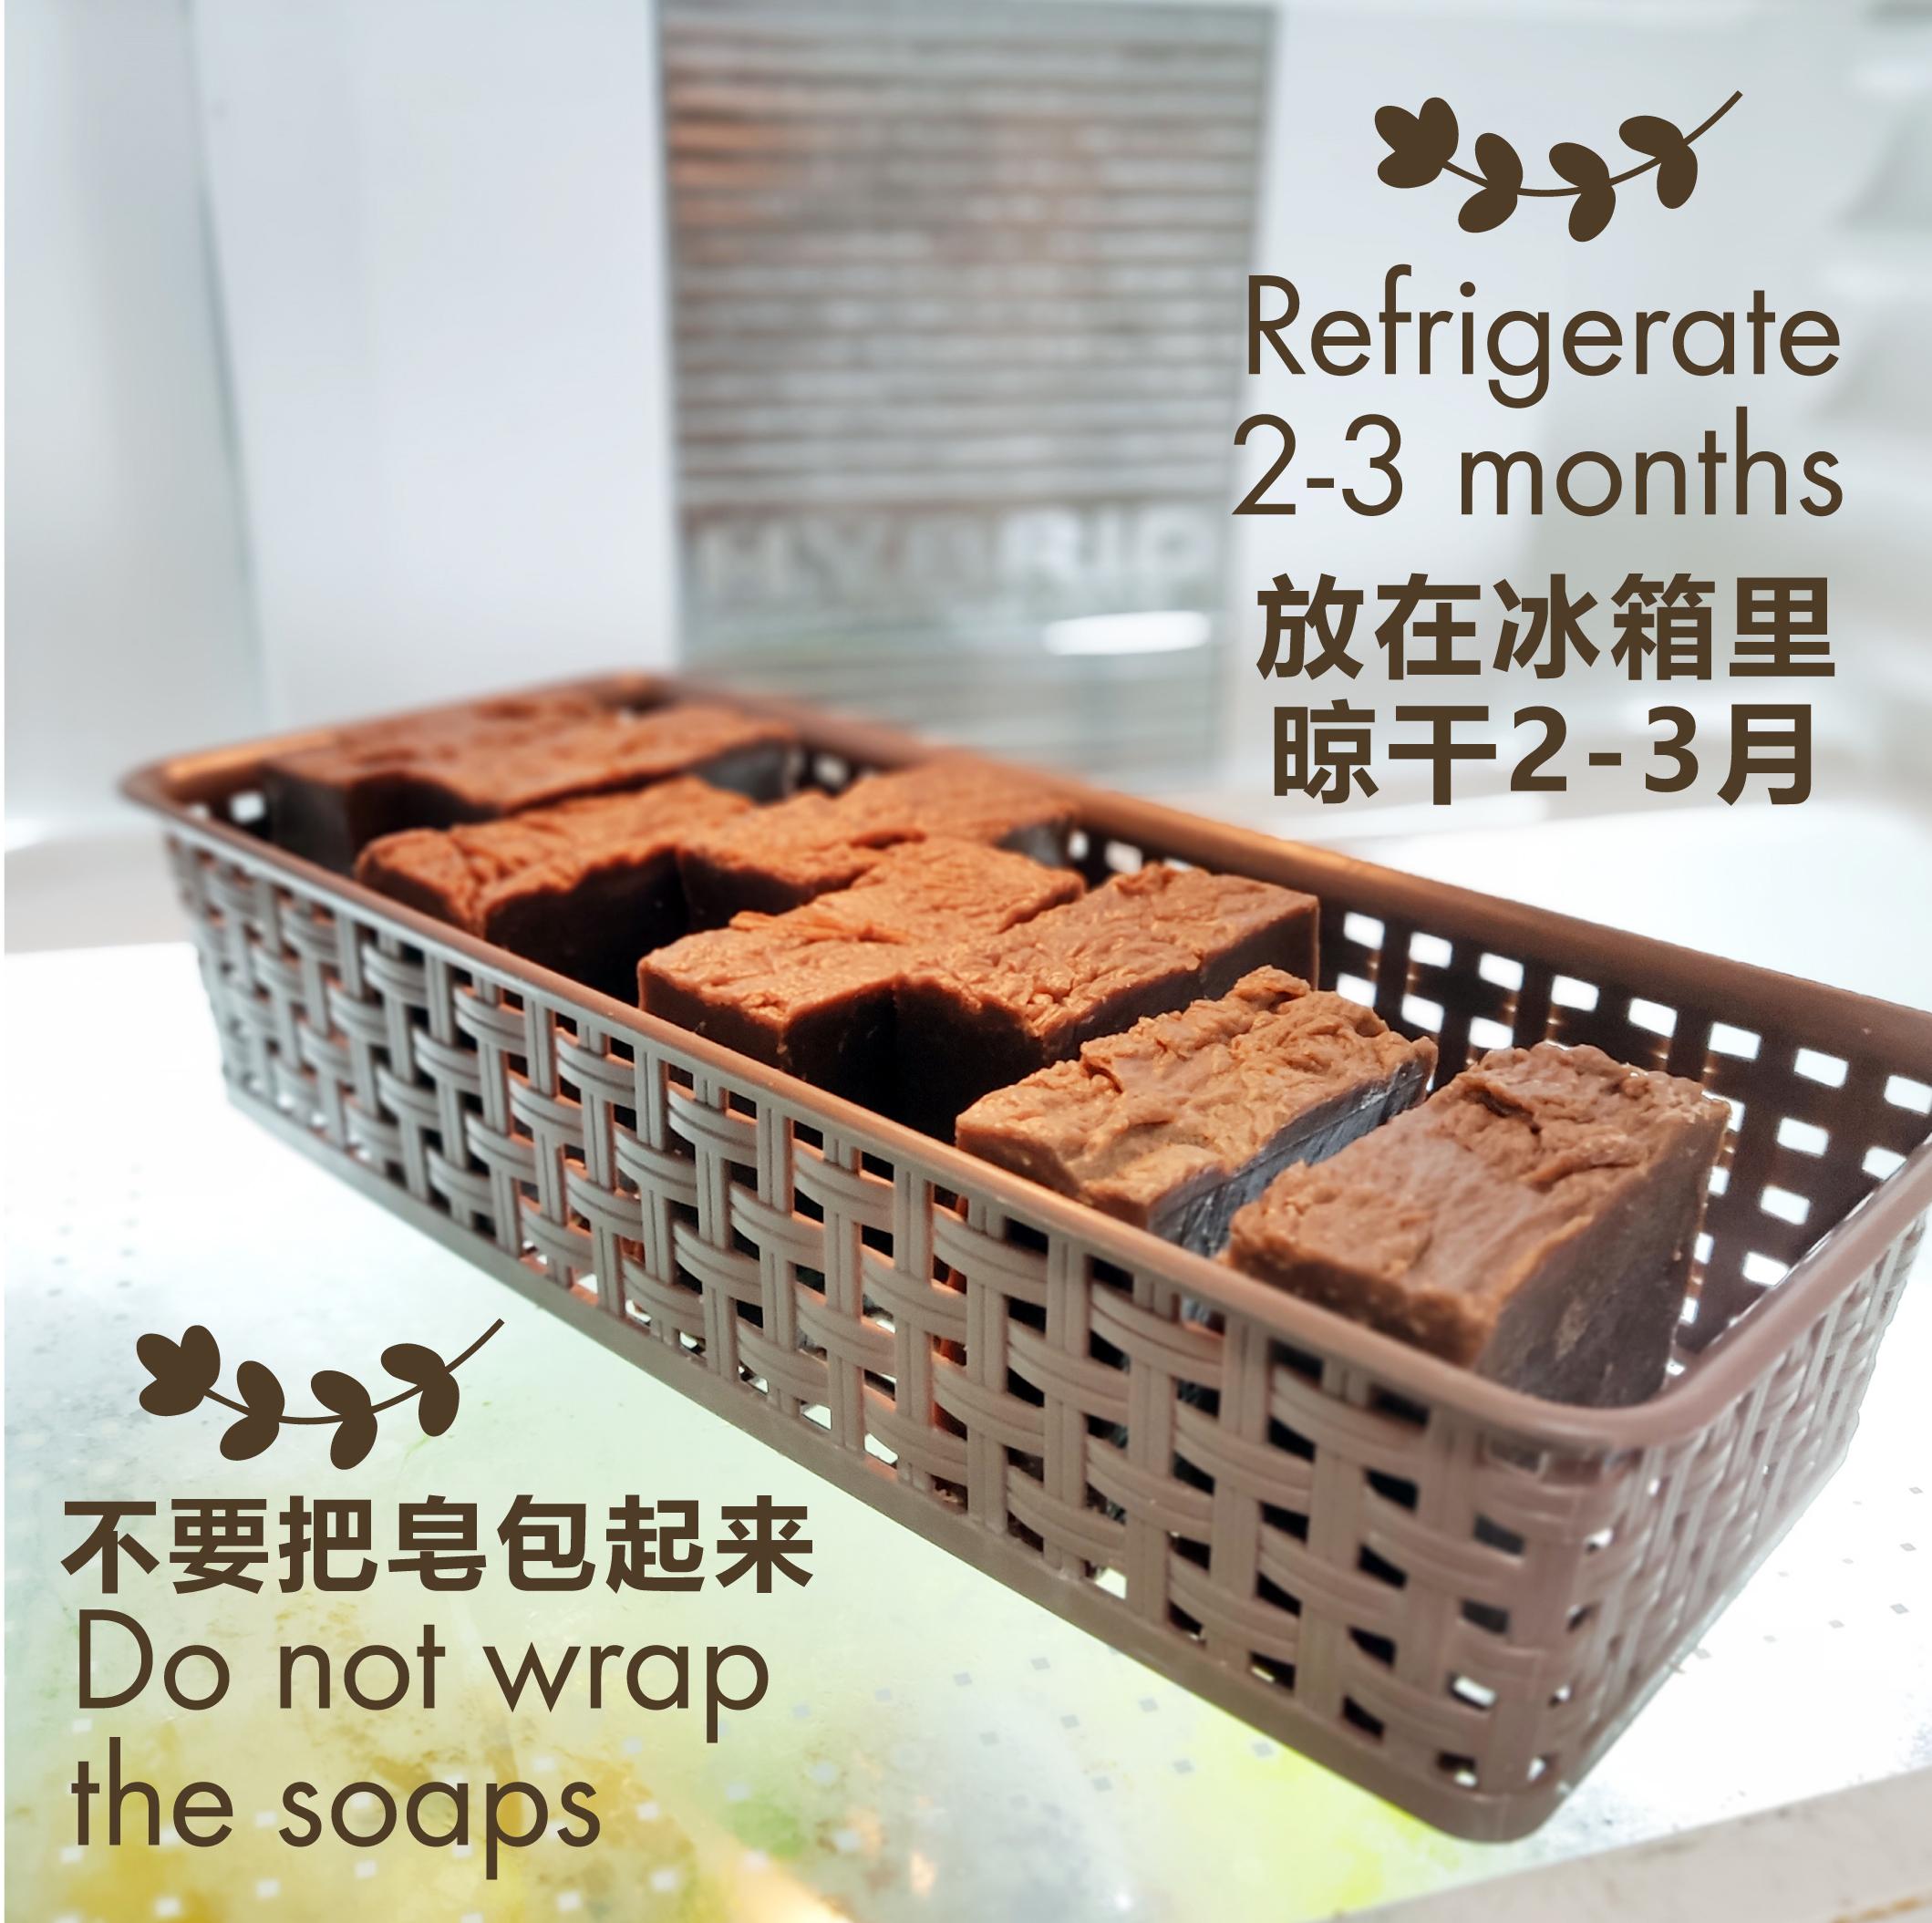 fridge for product1-01.jpg